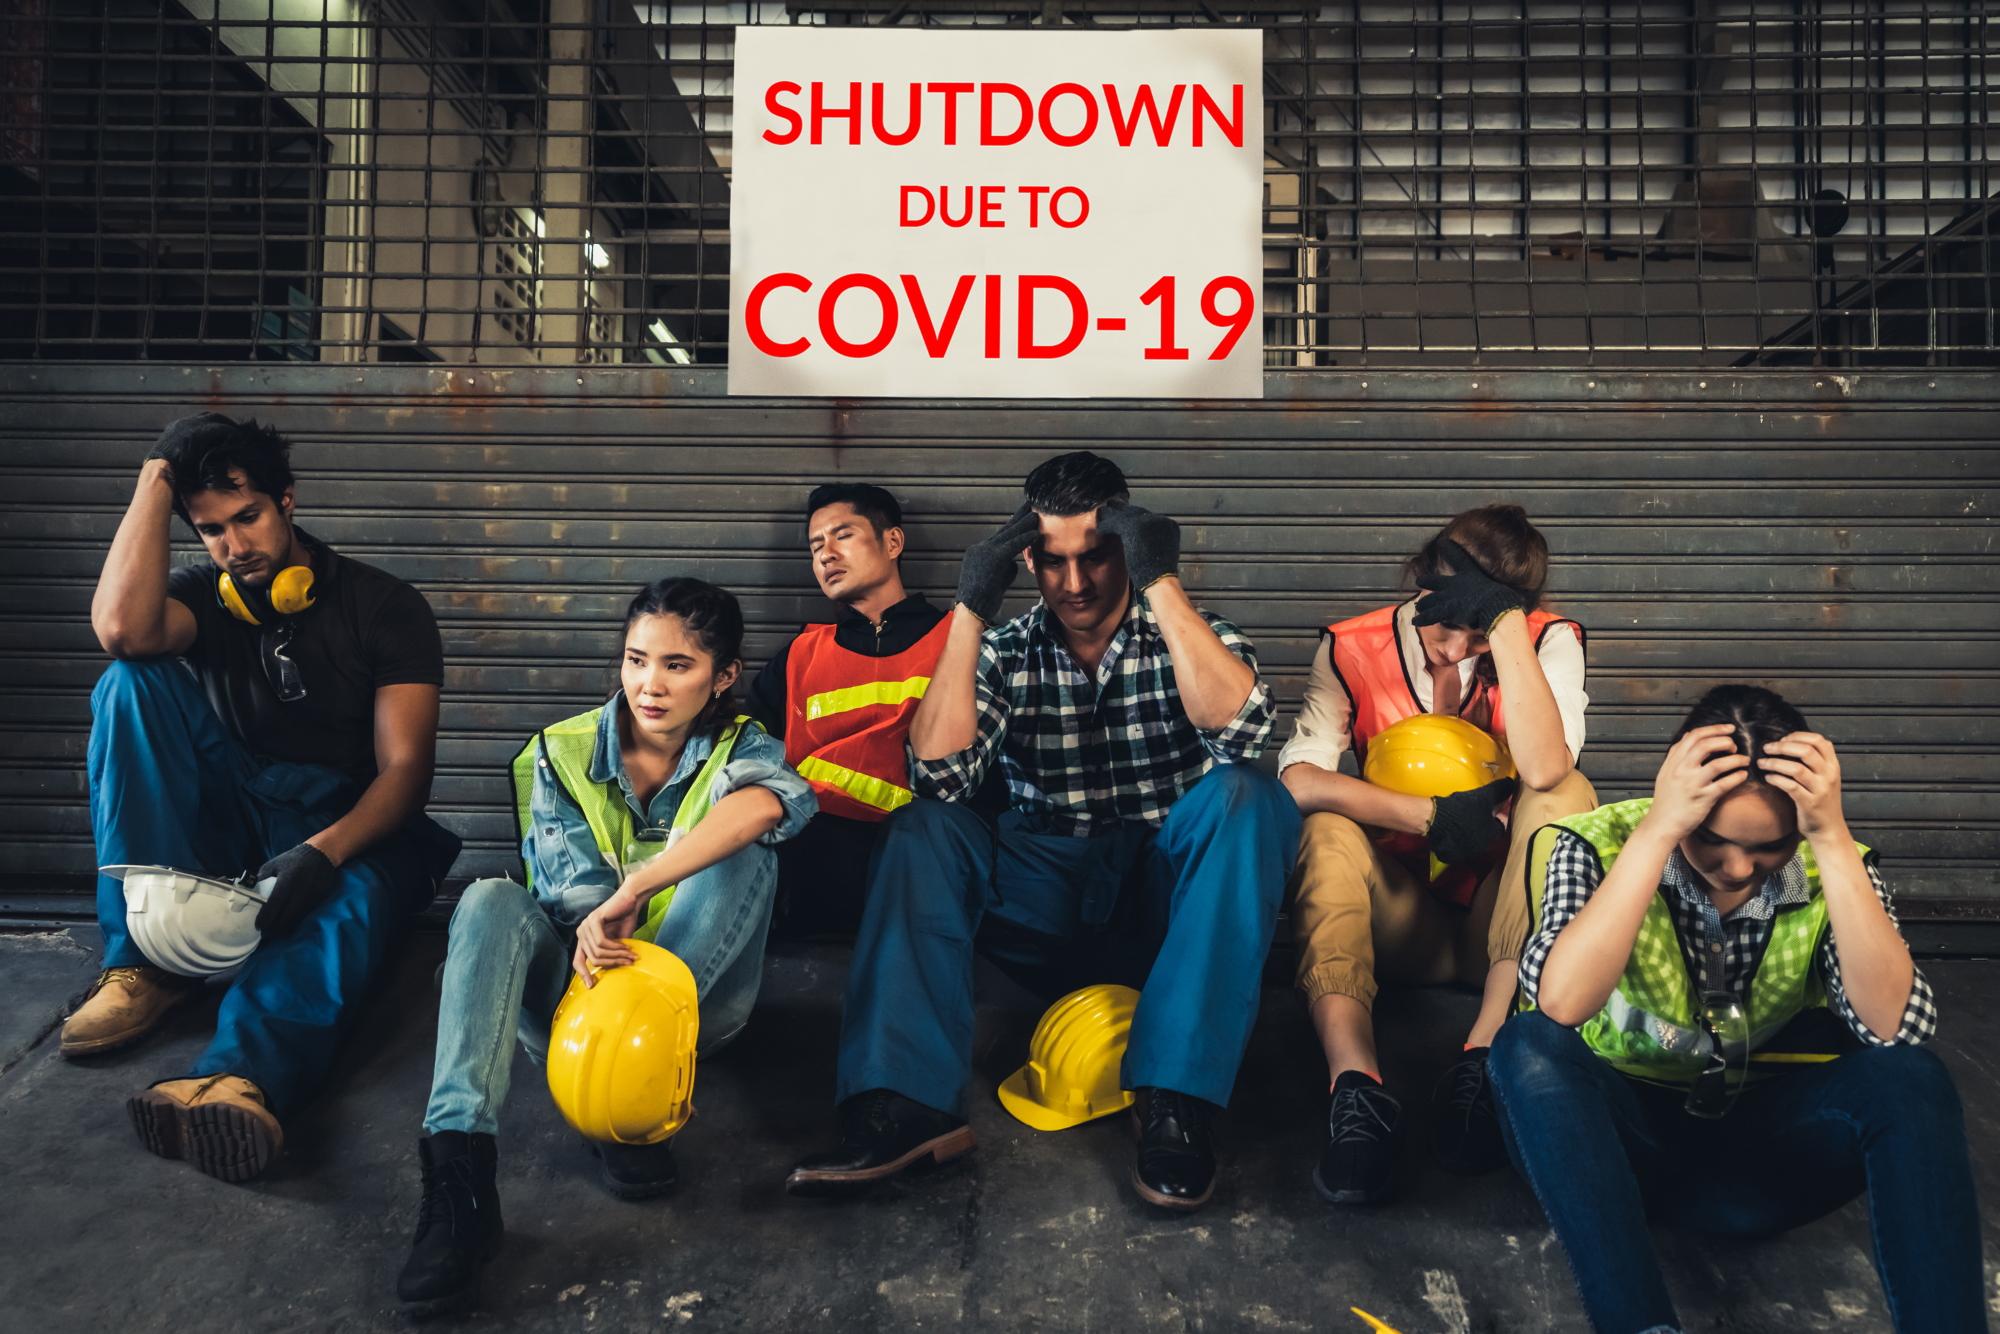 Co piąty Polak, w grupie respondentów zaniepokojonych potencjalnym zwolnieniem, obawia się utraty pracy z powodu braku finansowej pomocy od państwa (Fot. Shutterstock)